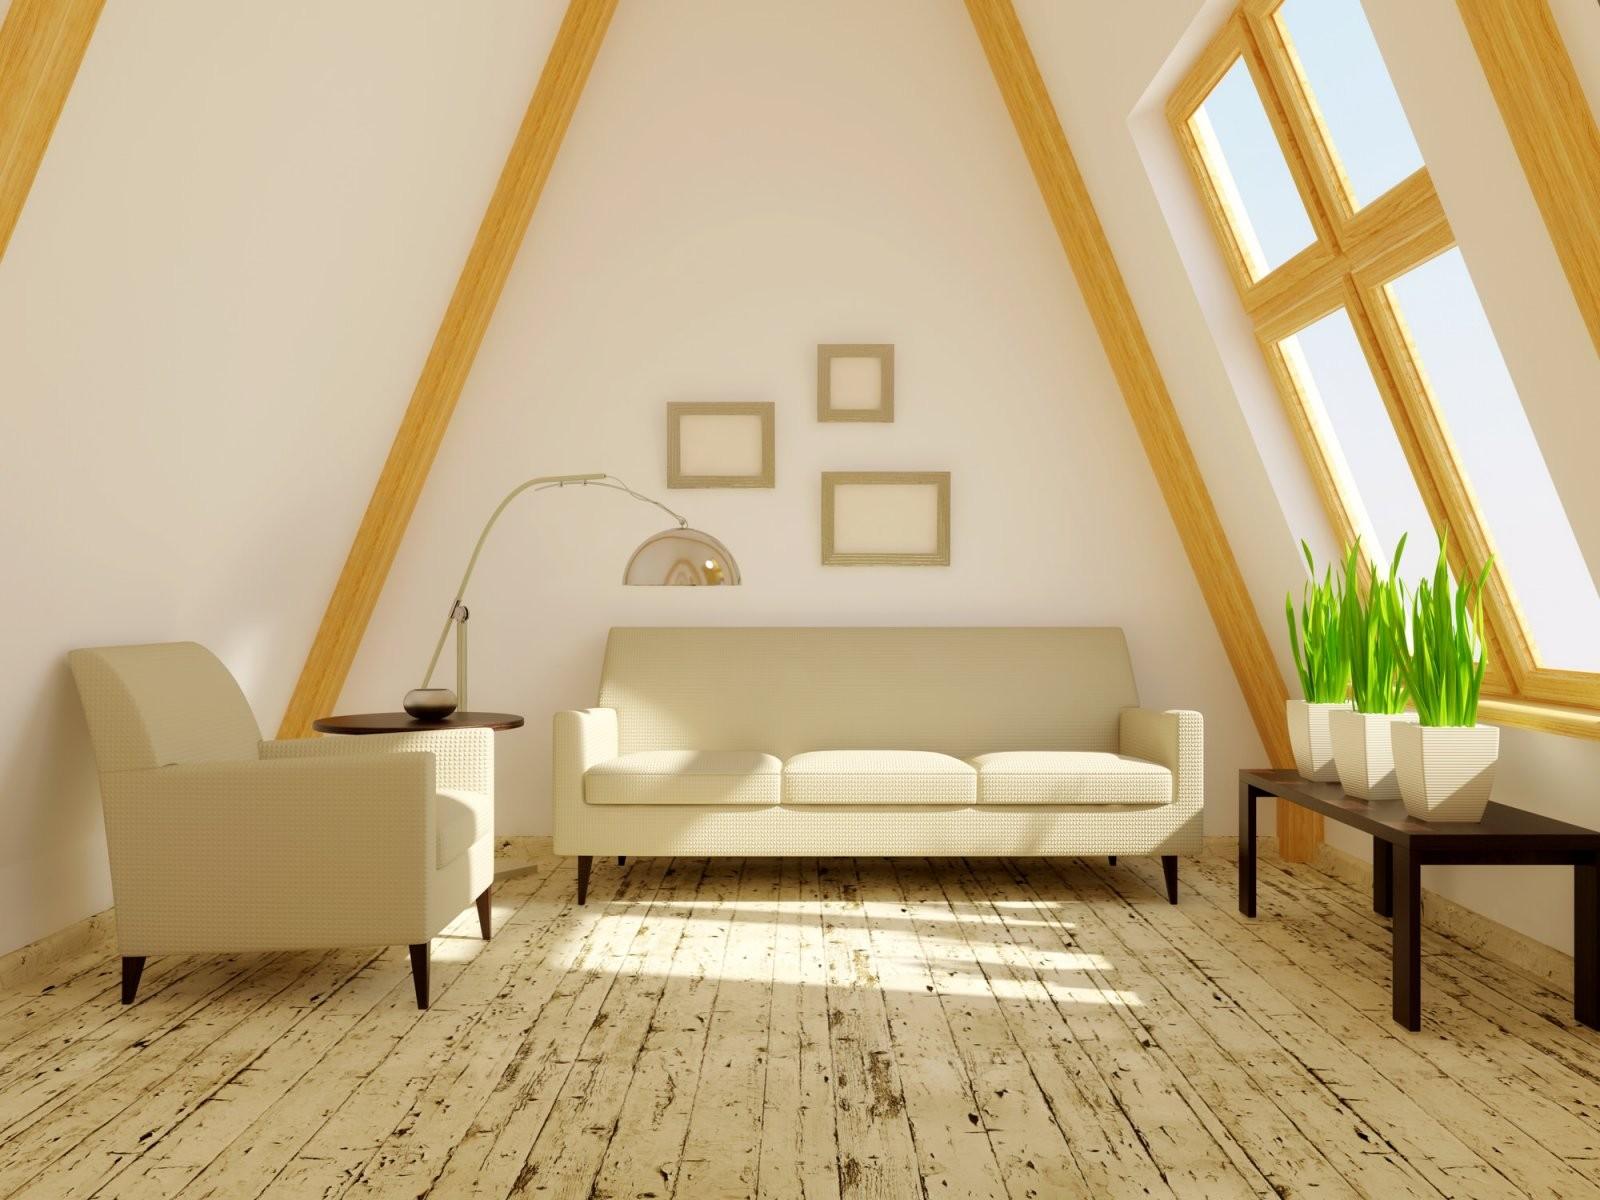 Ganz Schön Schräg 10 Tipps Wie Sie Räume Mit Dachschrägen Stilvoll von Kleines Kinderzimmer Mit Dachschräge Photo